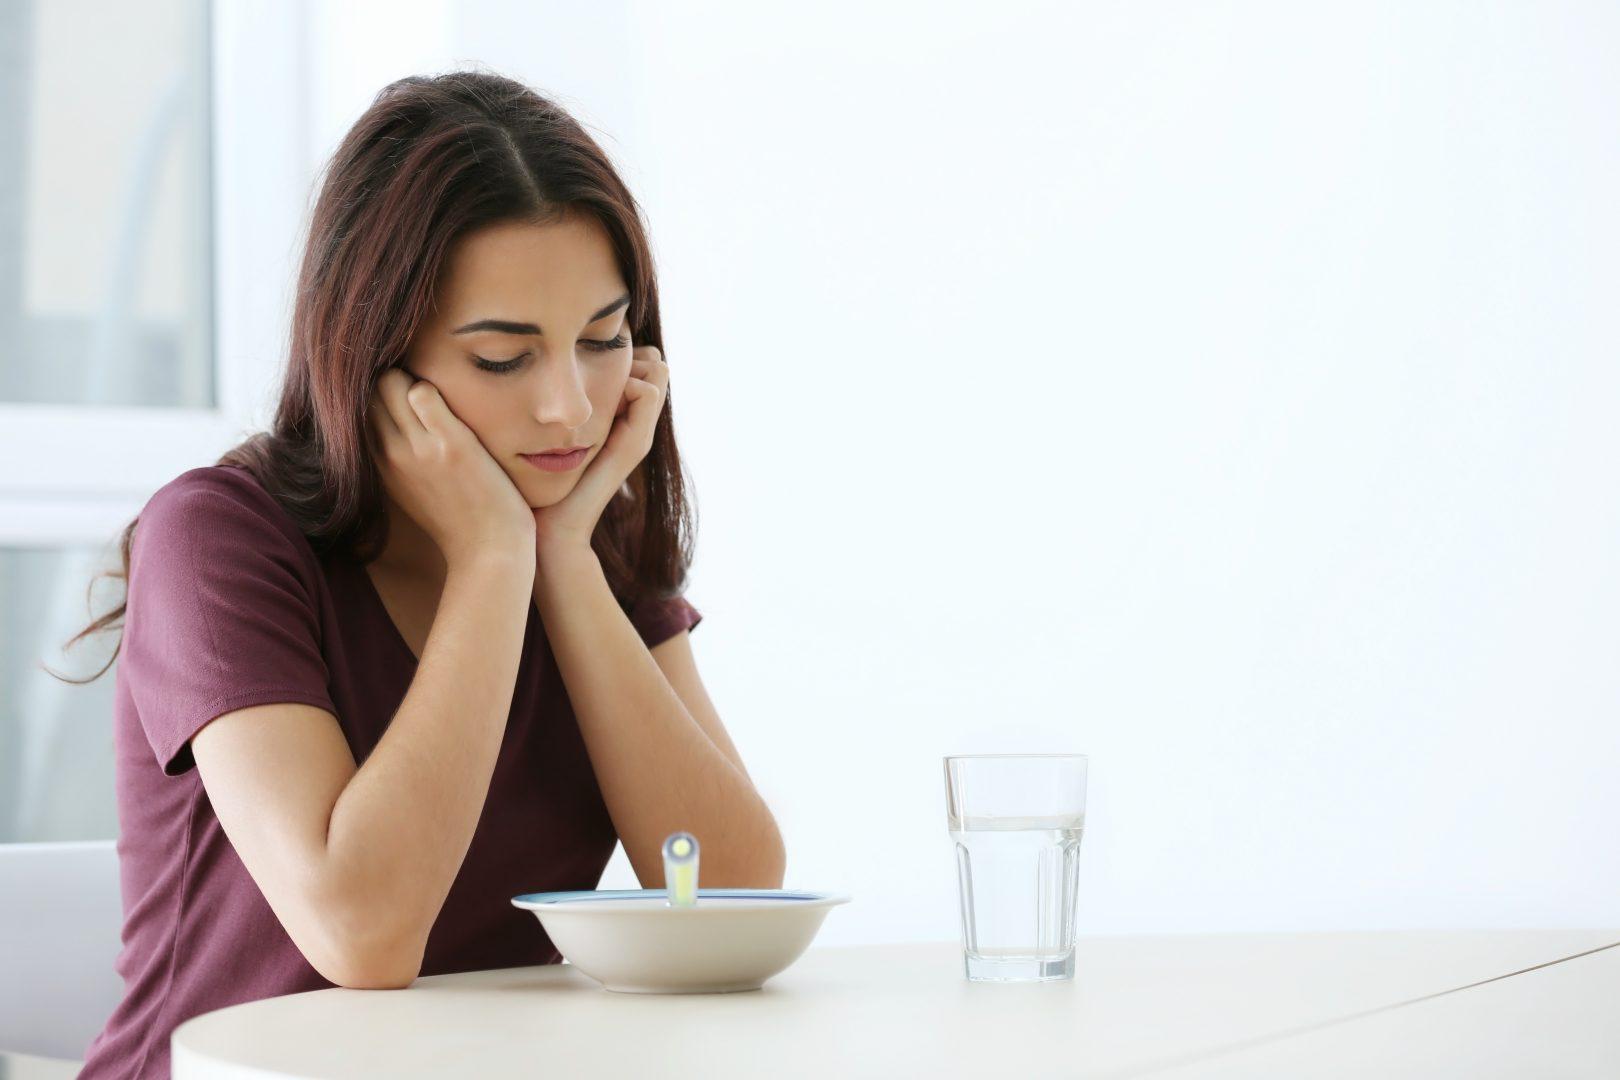 Jonge vrouw kijkt zonder eetlust naar kom voor zich